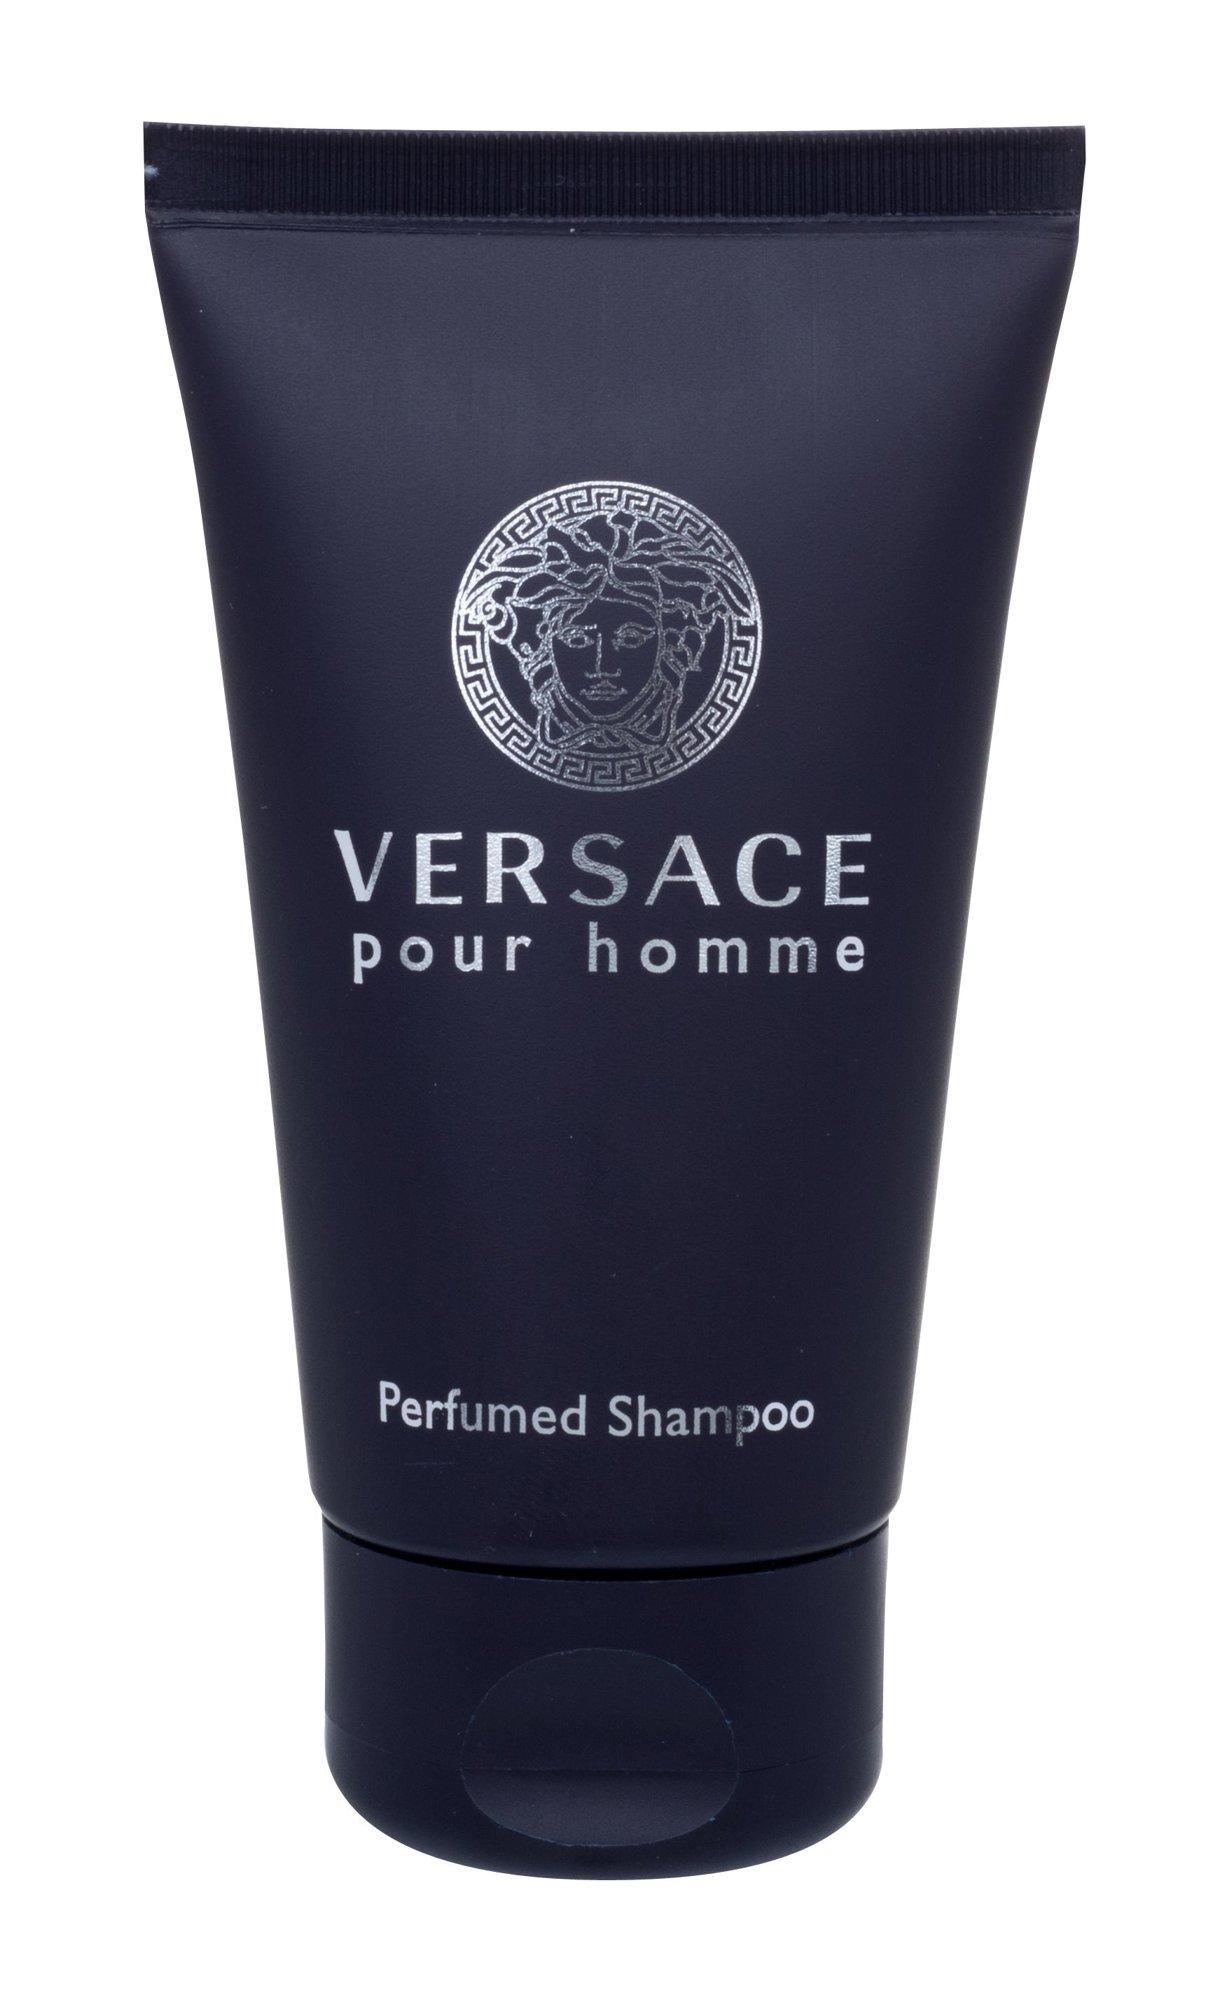 Versace Pour Homme Shampoo 50ml